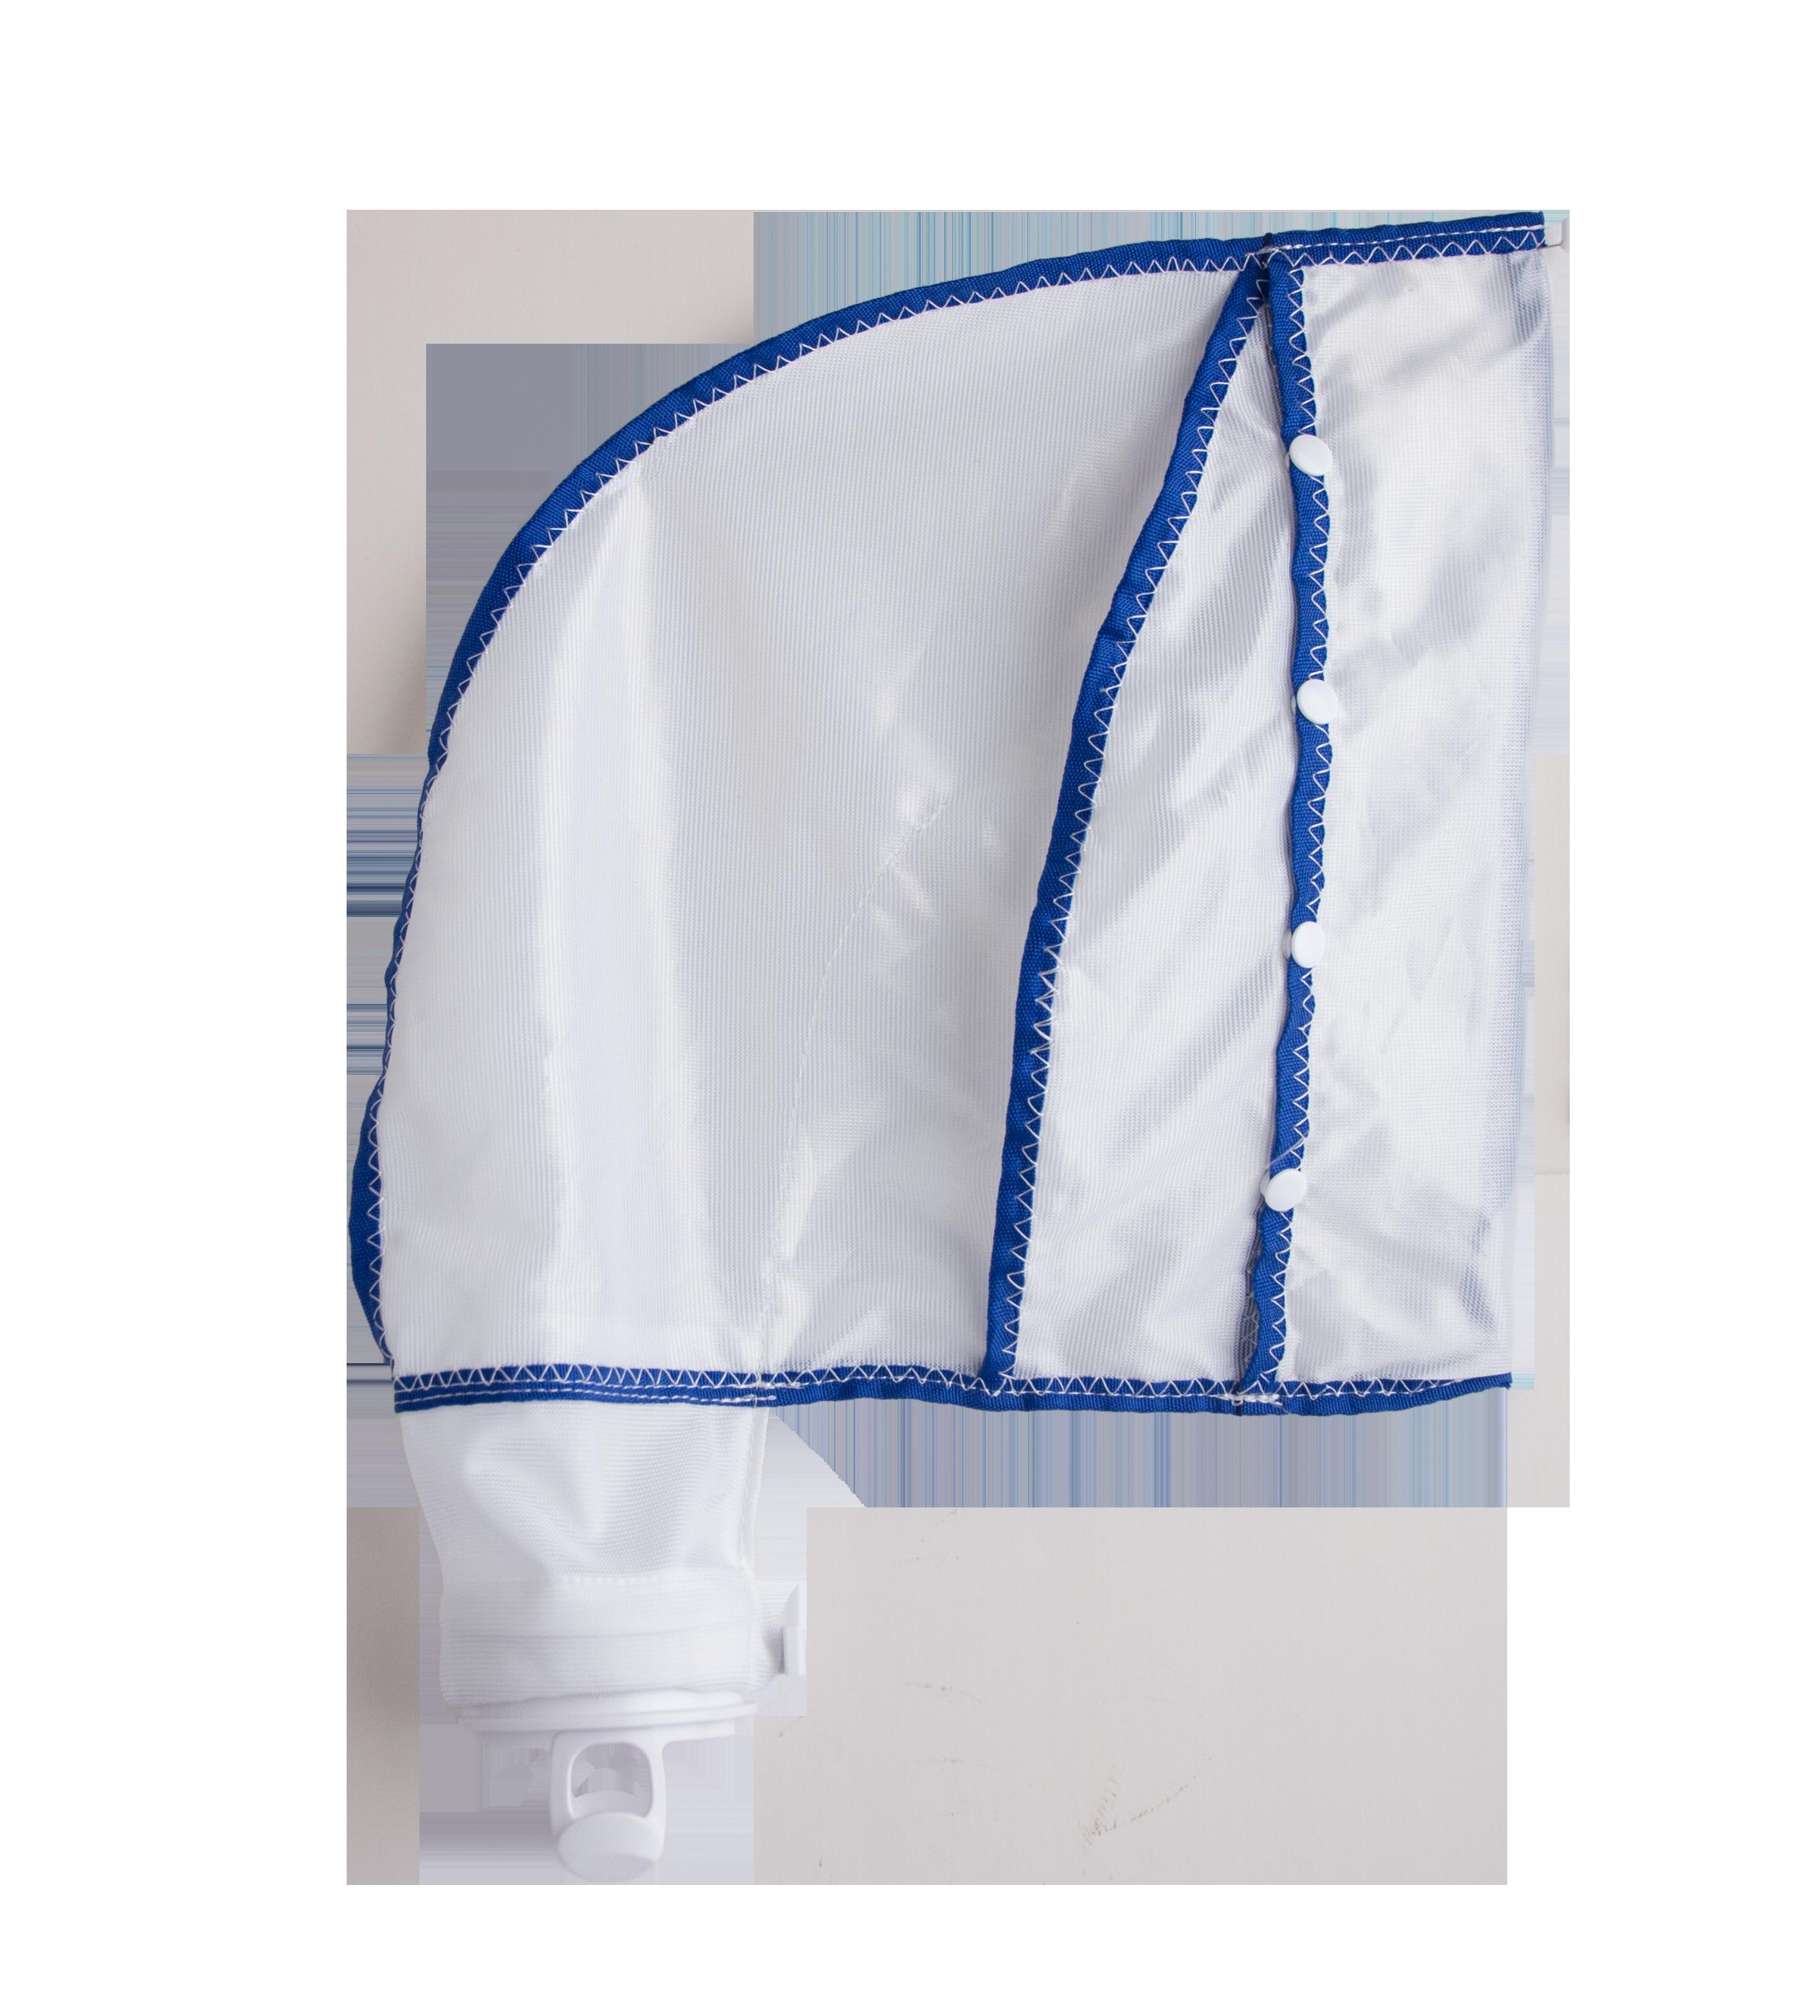 <b>Duraclean™ 280 Style Bag